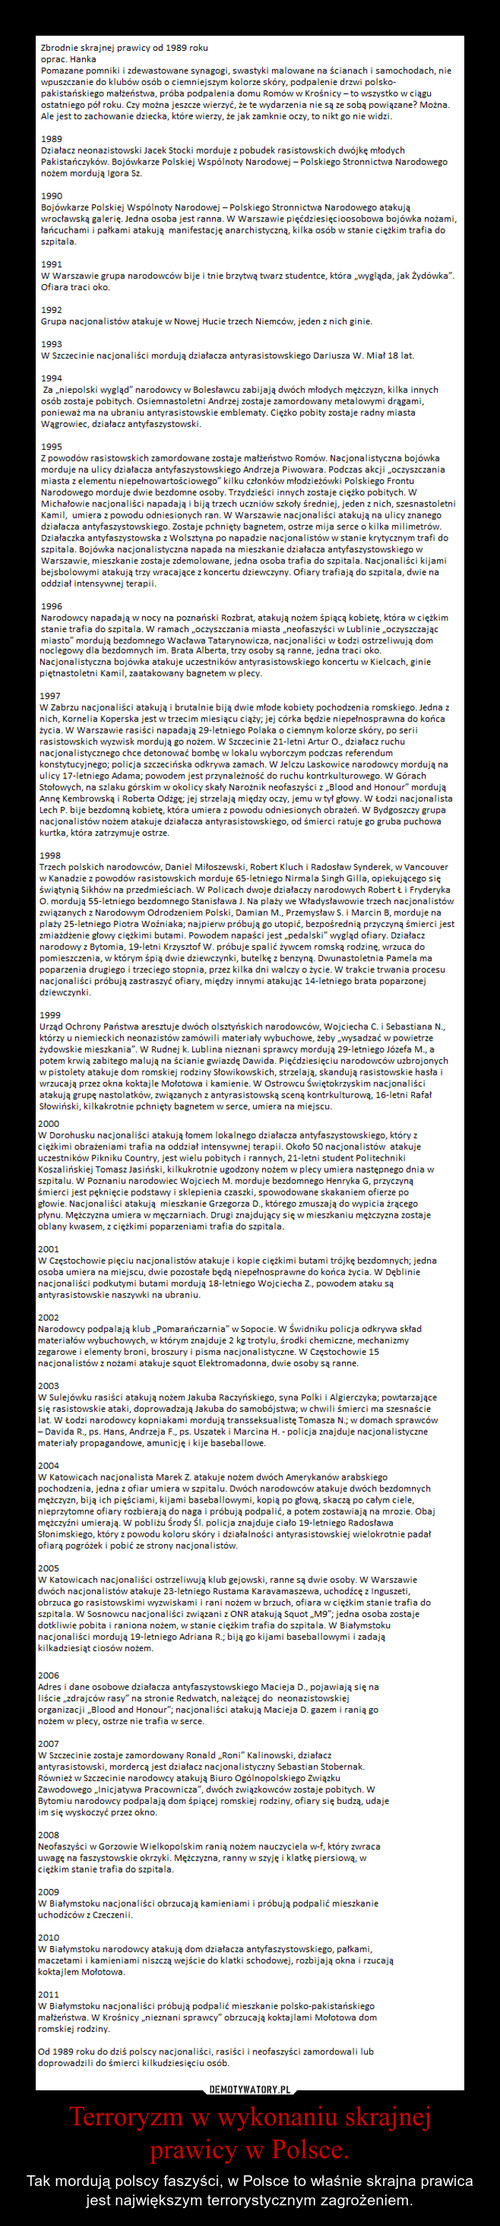 Terroryzm w wykonaniu skrajnej prawicy w Polsce.